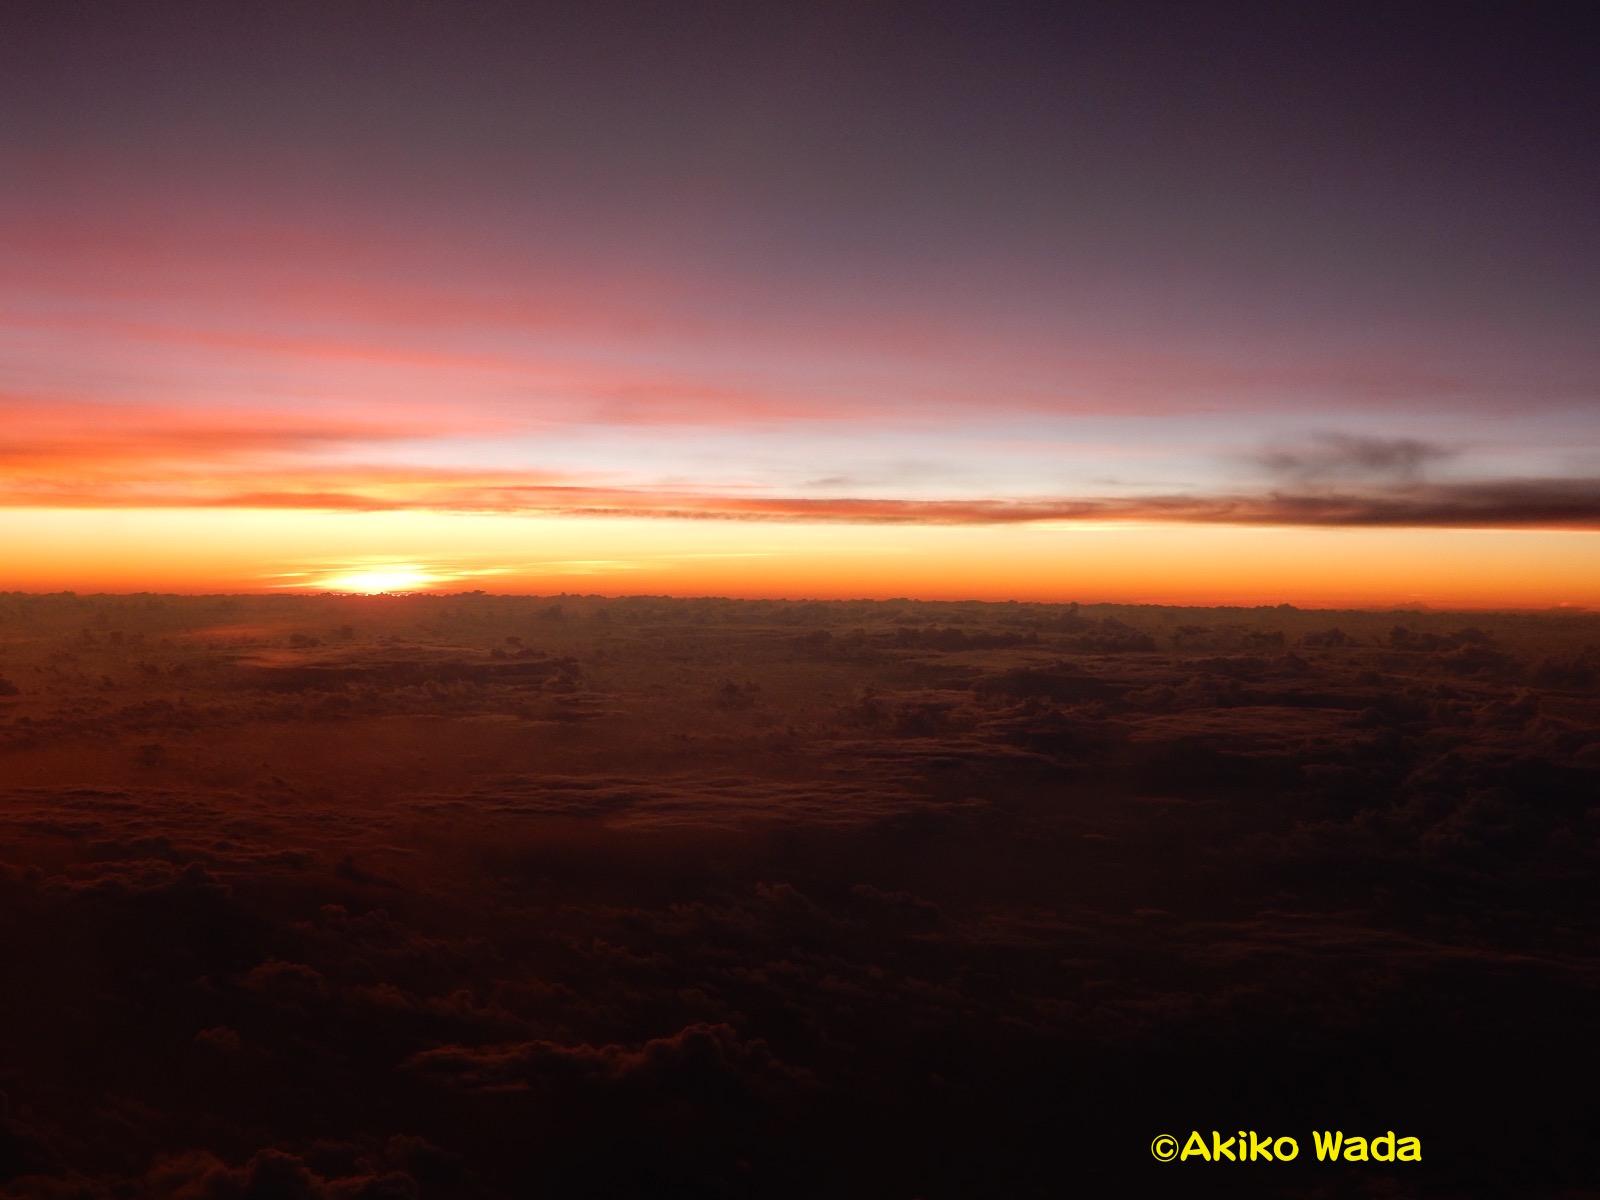 東京の手前の上空で、雲海の向こうから朝日が昇る